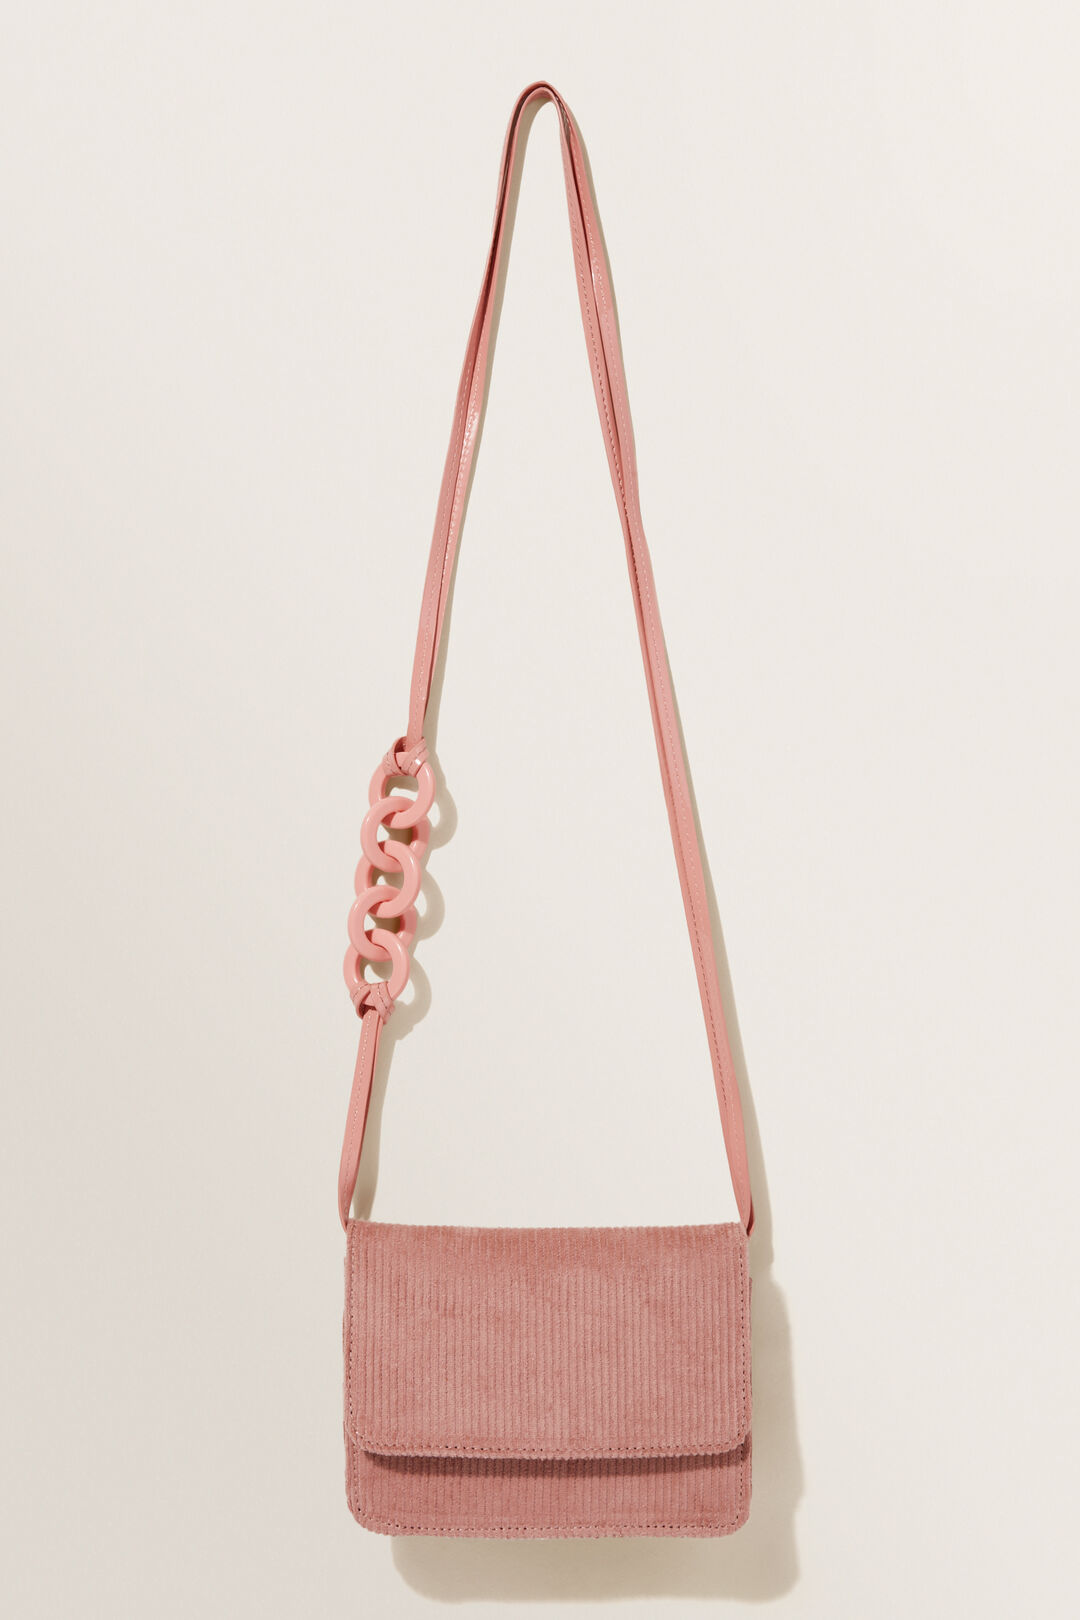 Corduroy Cross Body Bag  Rose Pink  hi-res